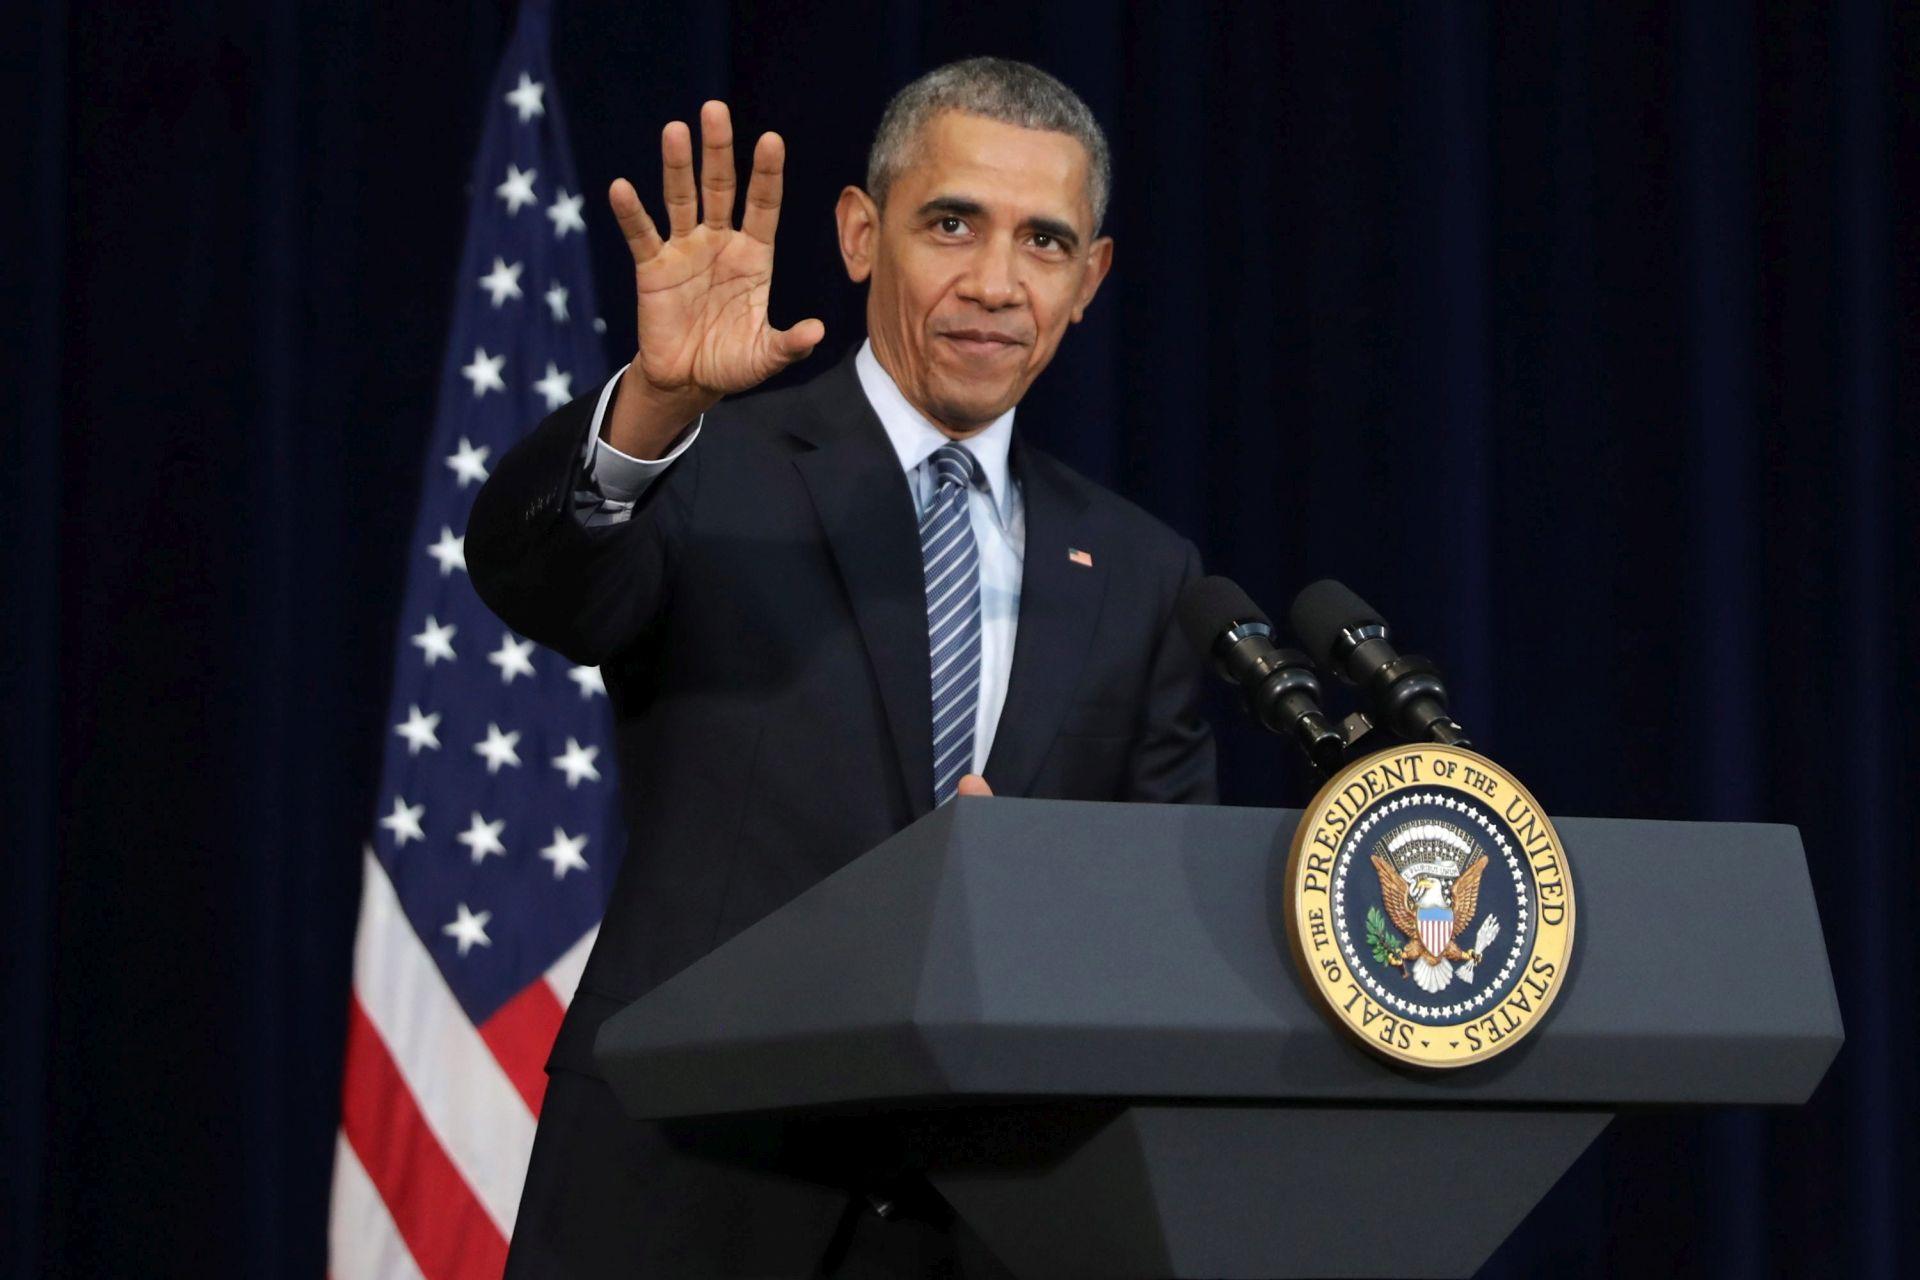 SASTANAK S ANGELOM MERKEL: Obama dolazi u dvodnevni posjet Njemačkoj